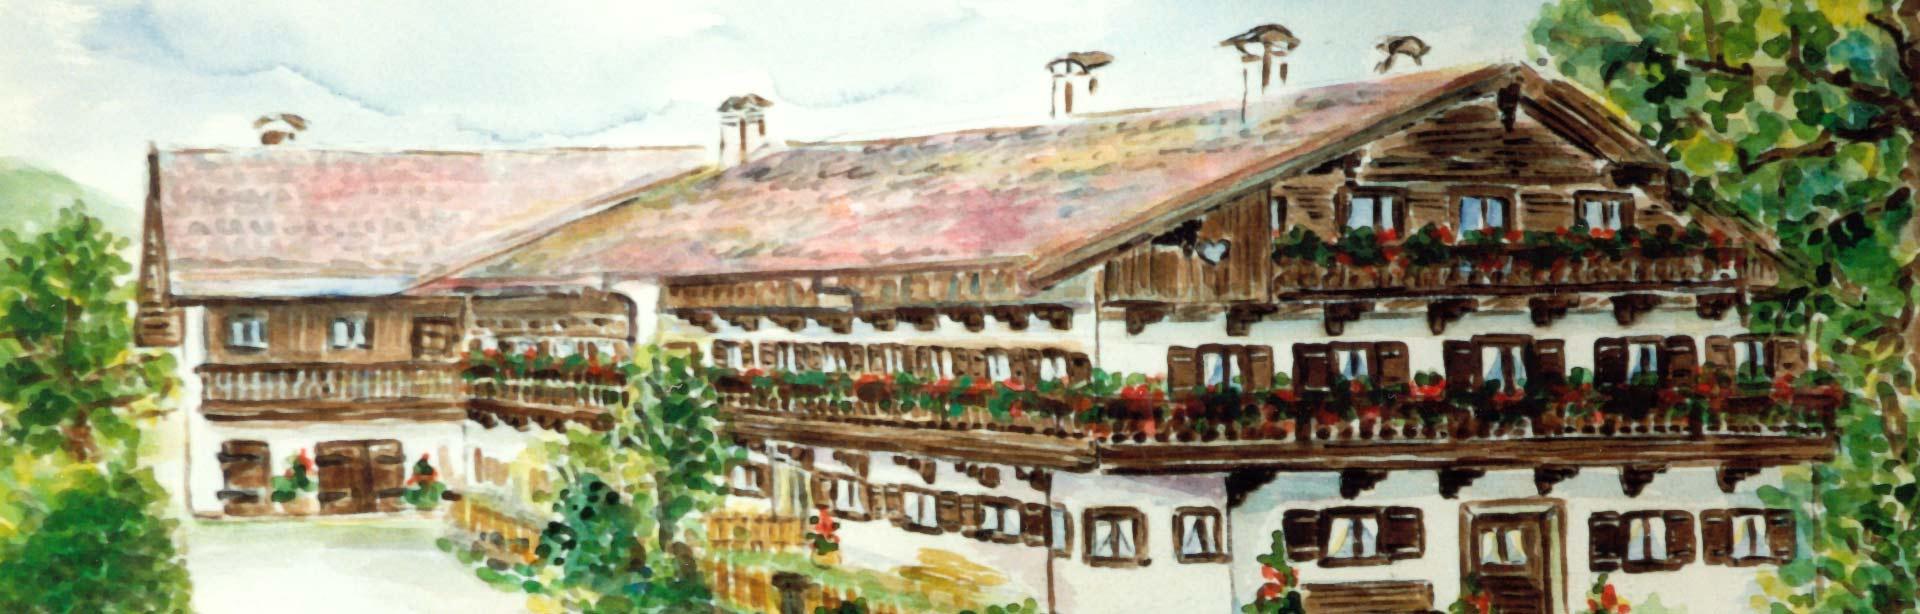 Bild Oberpartenhauser Hof gemalt